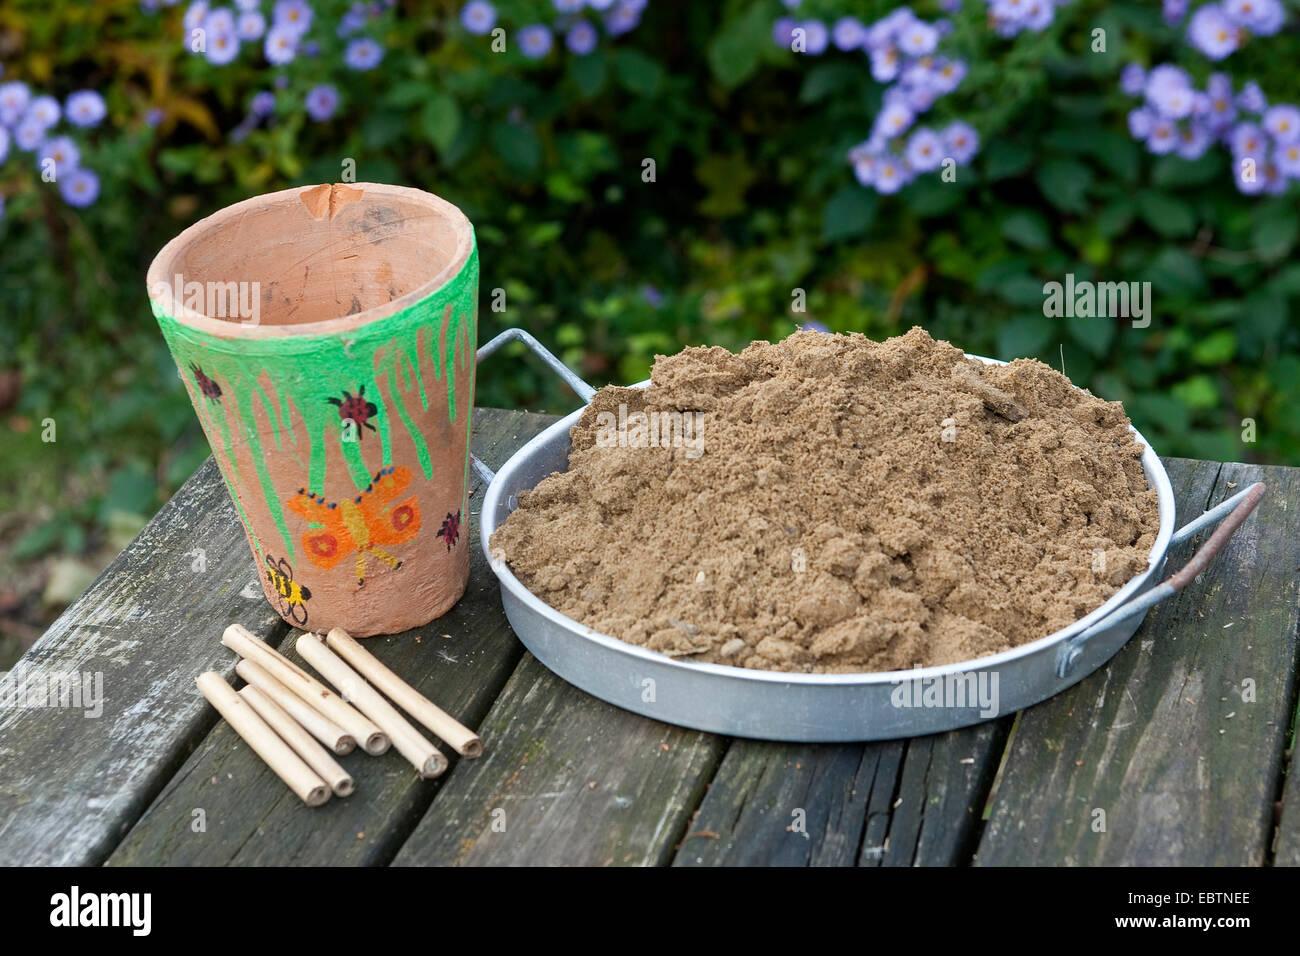 Materiale di lavoro per un allevamento di insetti help, Germania Immagini Stock